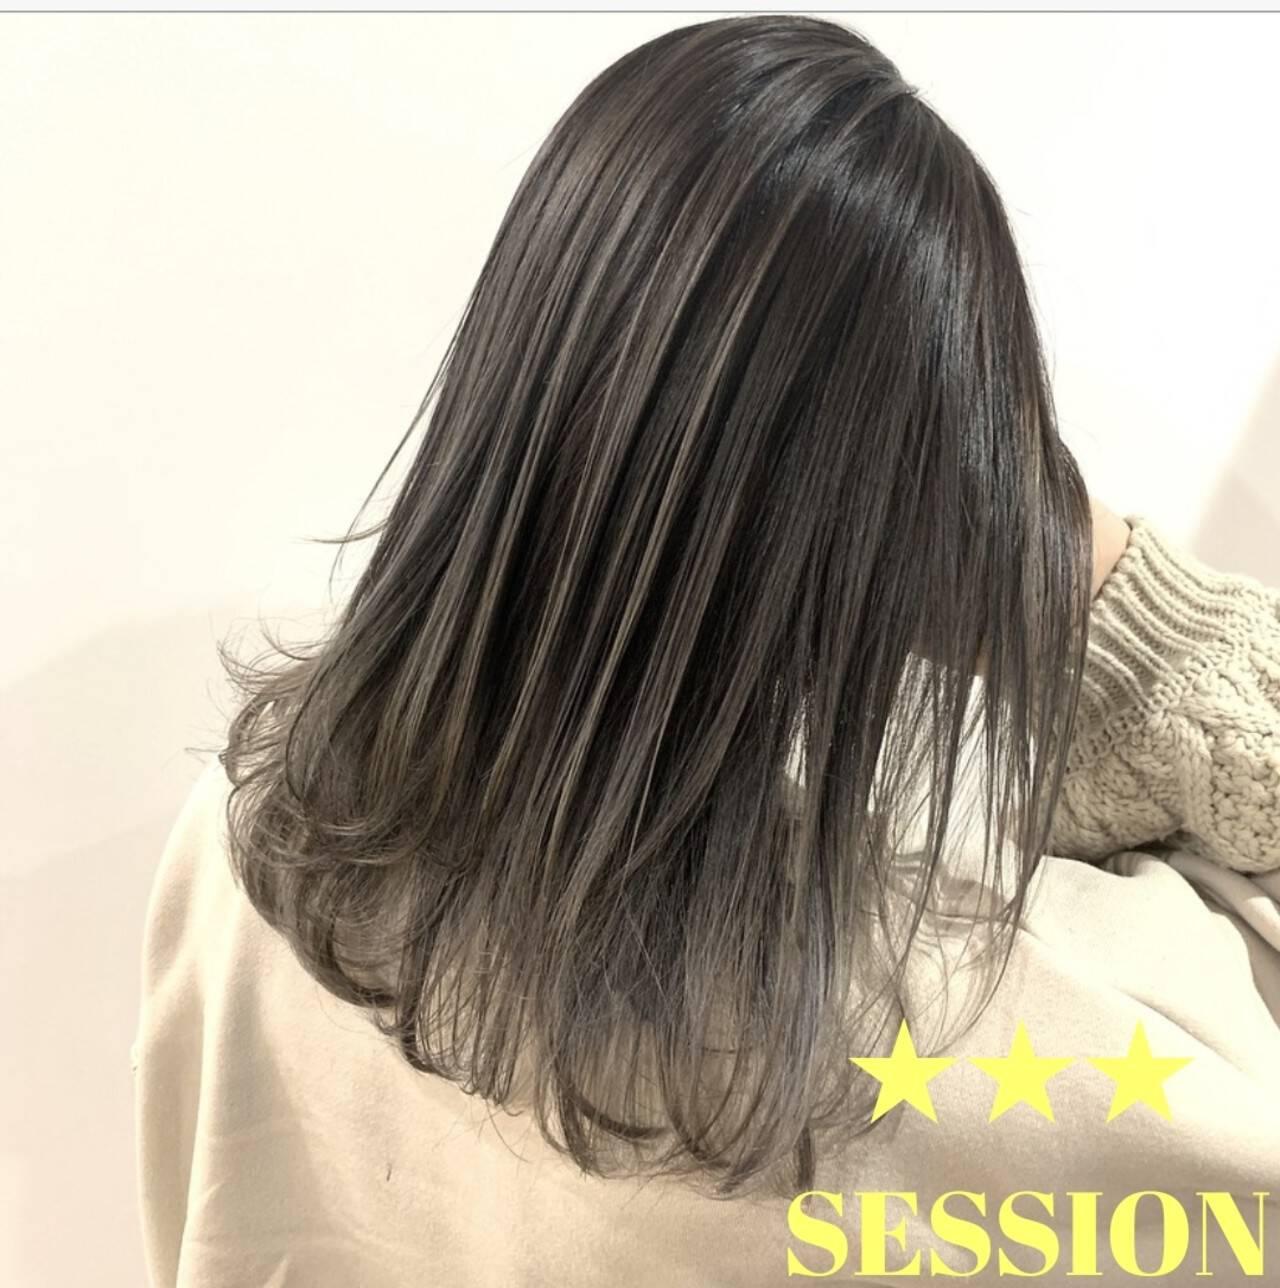 グレージュ ナチュラル グラデーションカラー ミディアムヘアスタイルや髪型の写真・画像